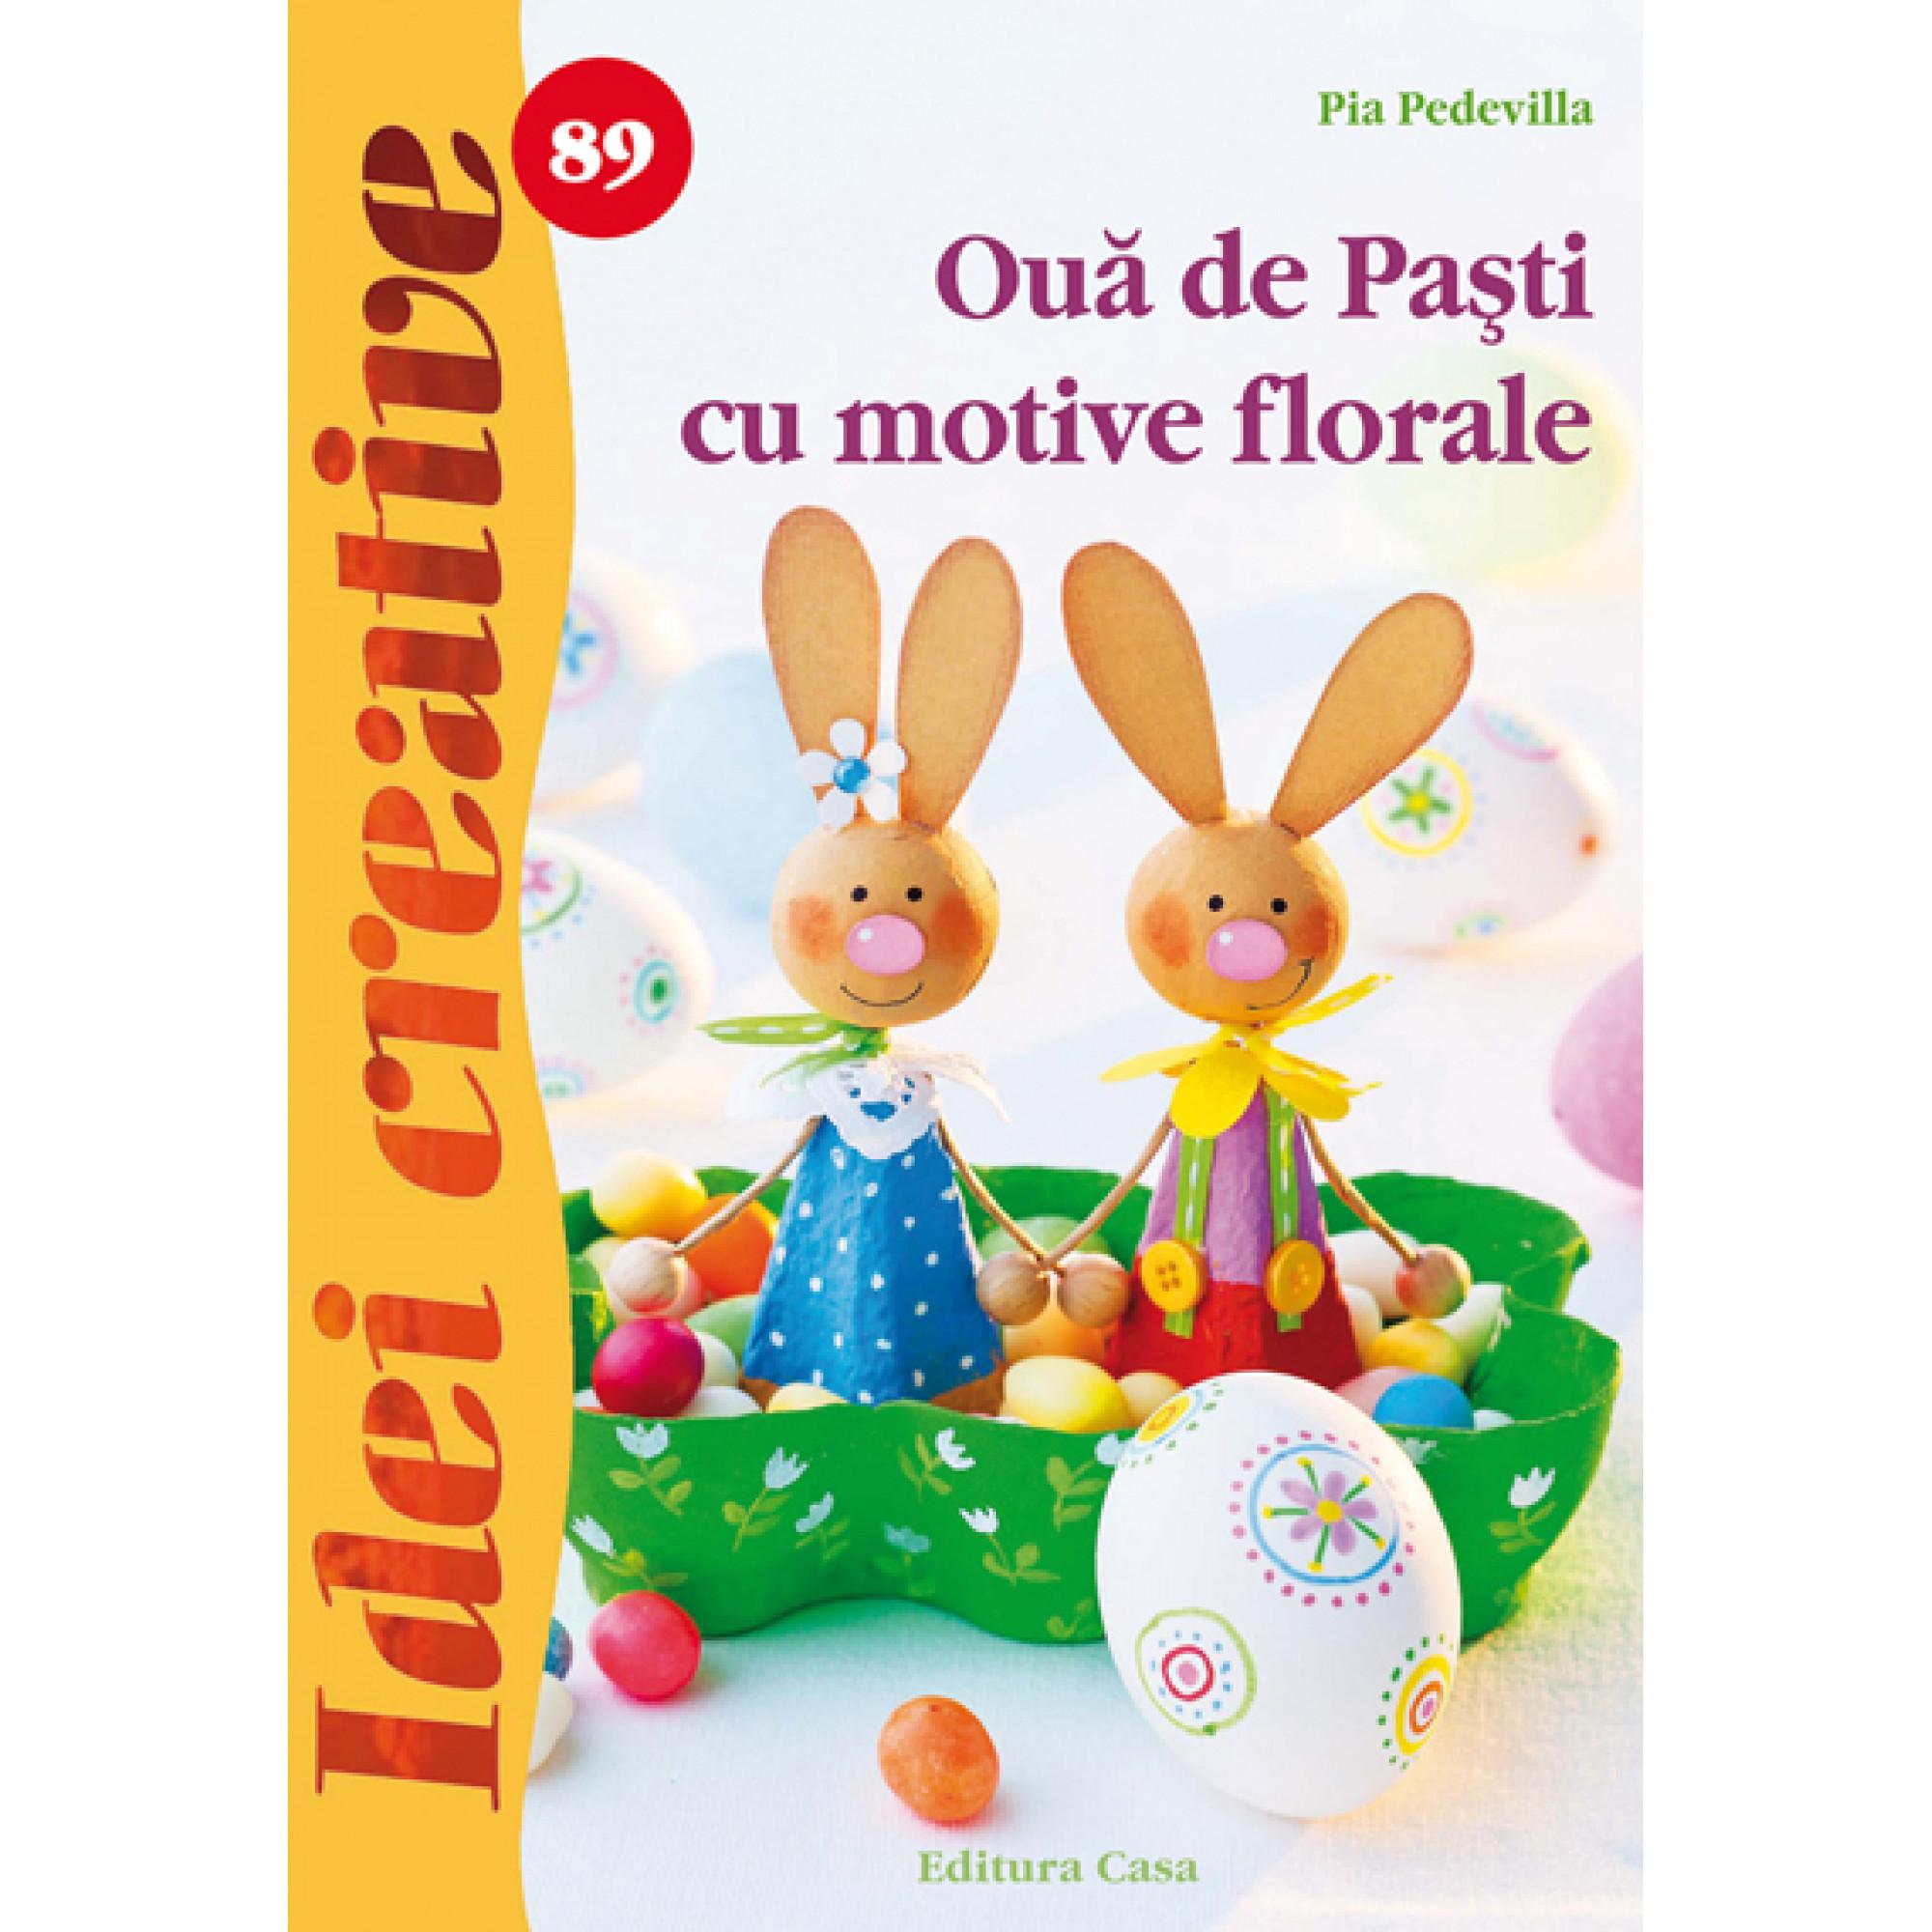 Ouă de Paşti cu motive florale